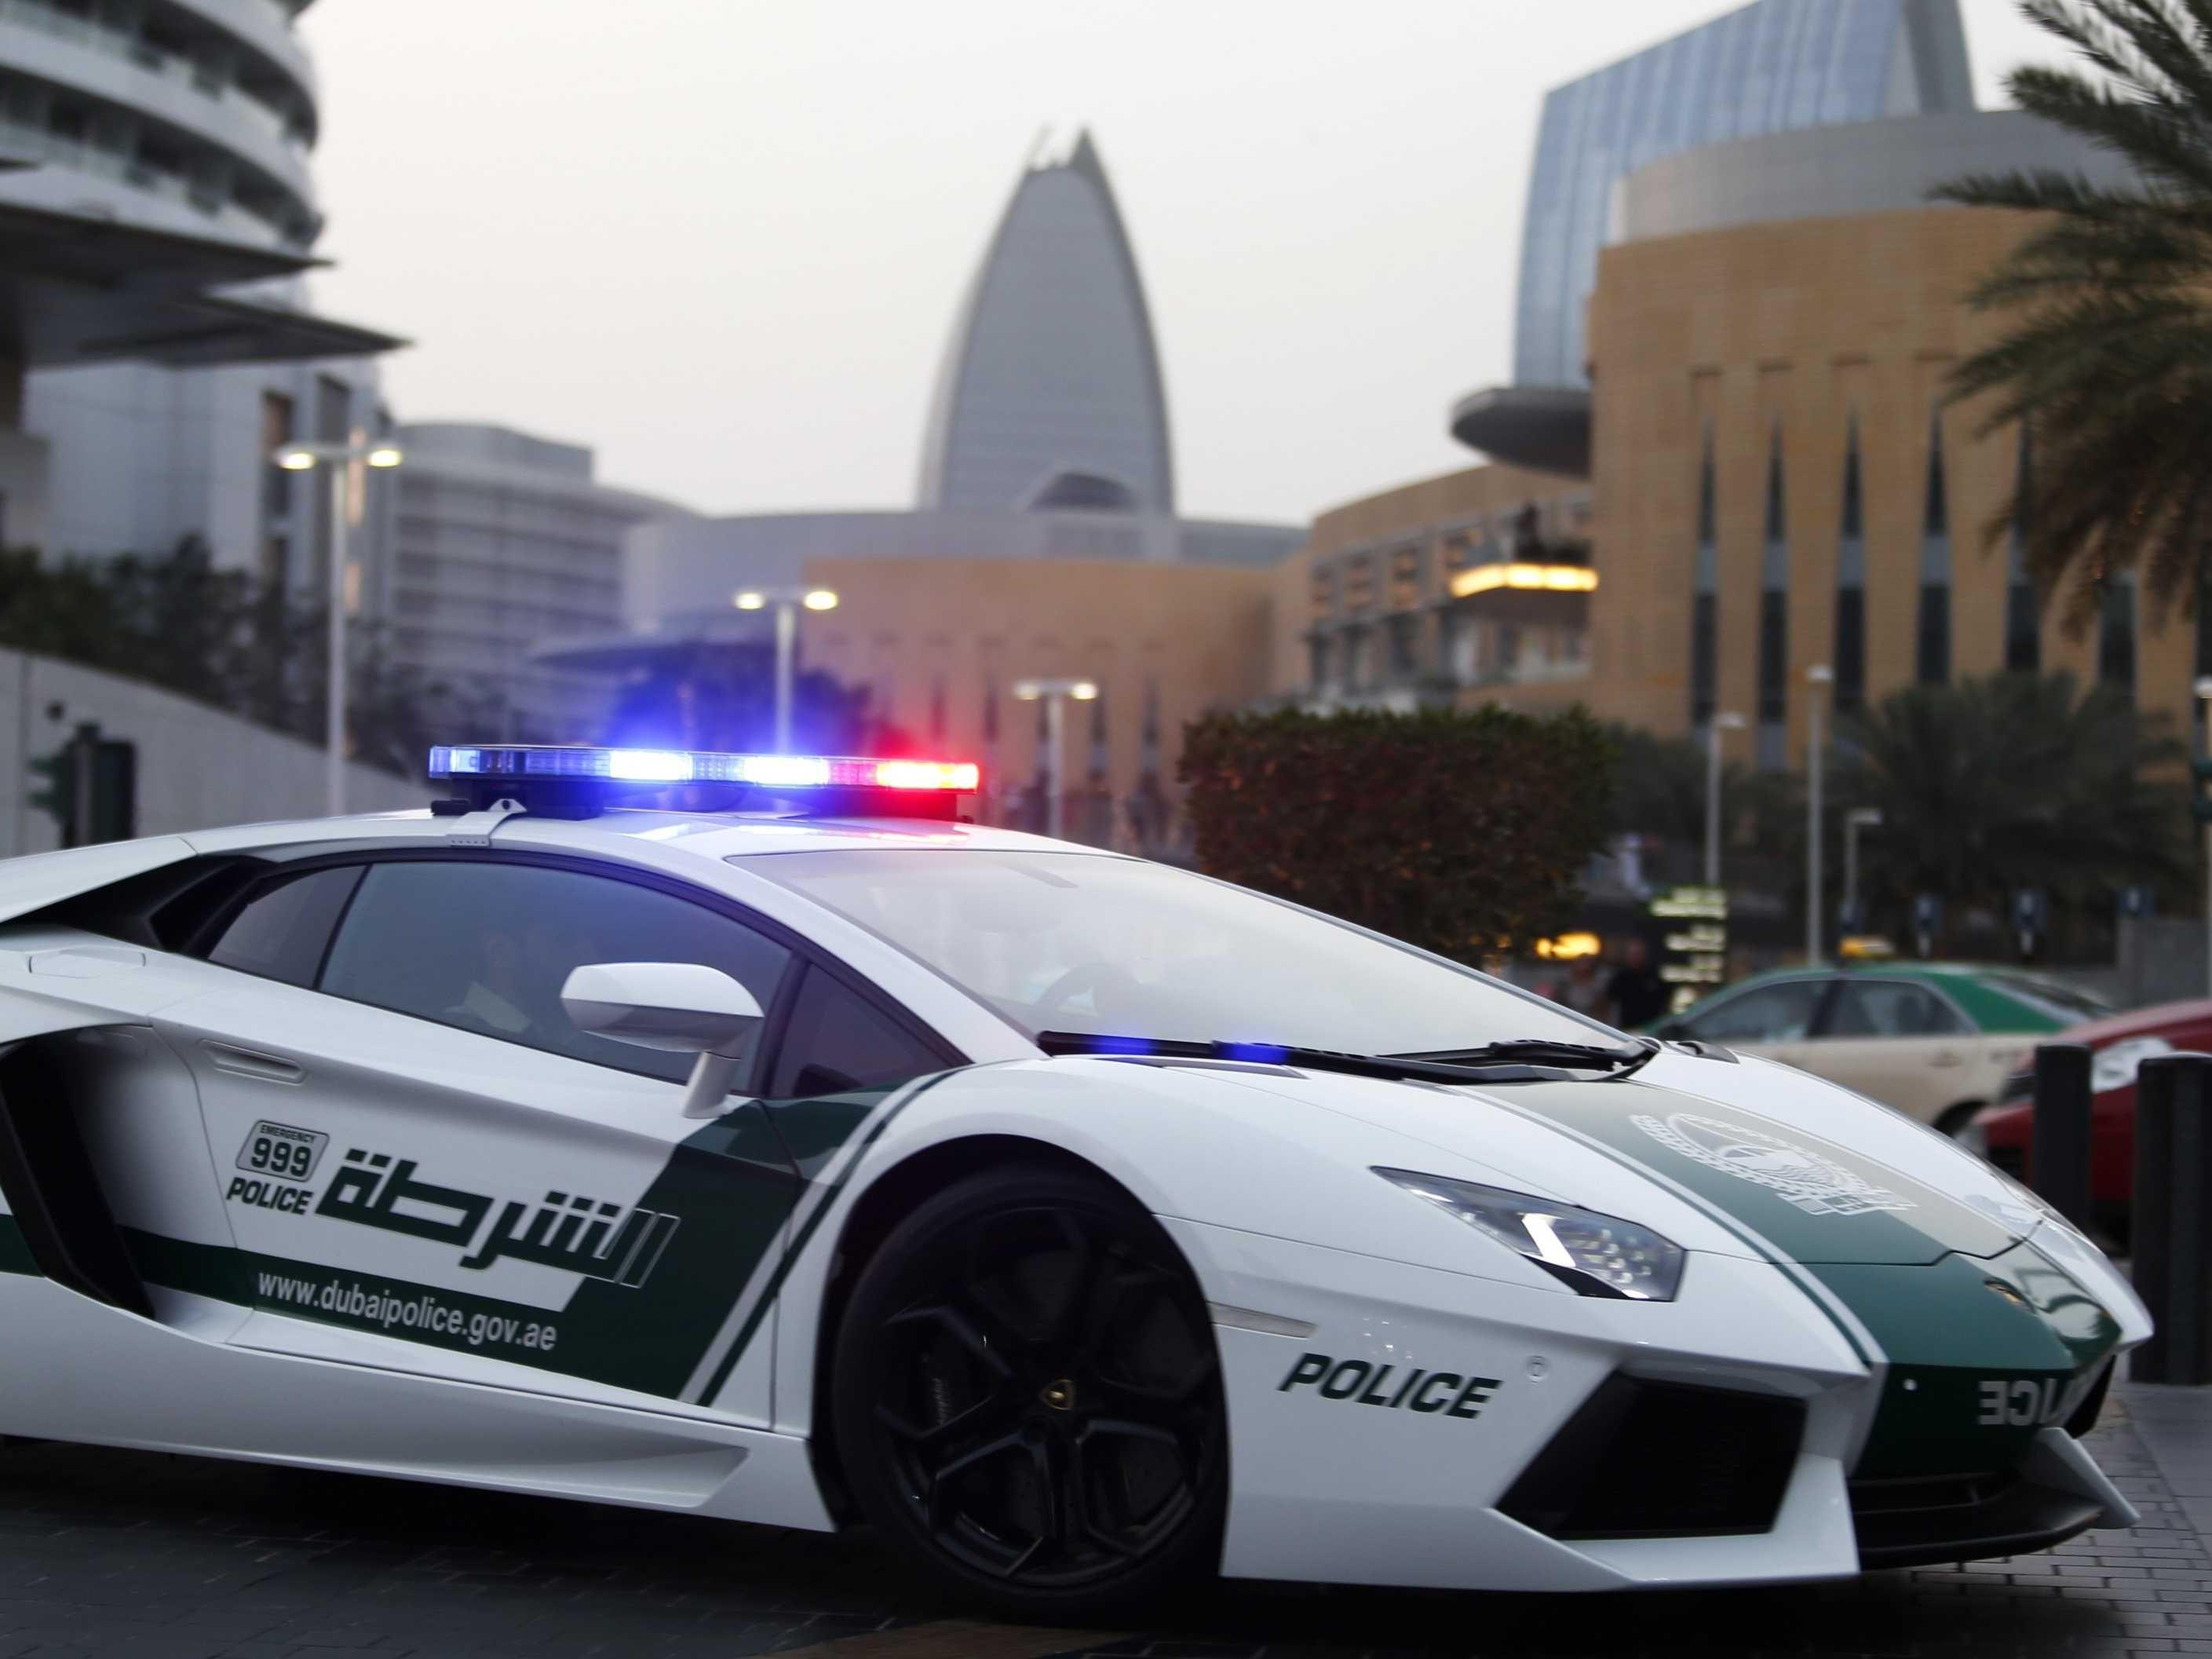 The Ridiculous Supercars Of The Dubai Police Force Police Cars Police Lamborghini Super Cars